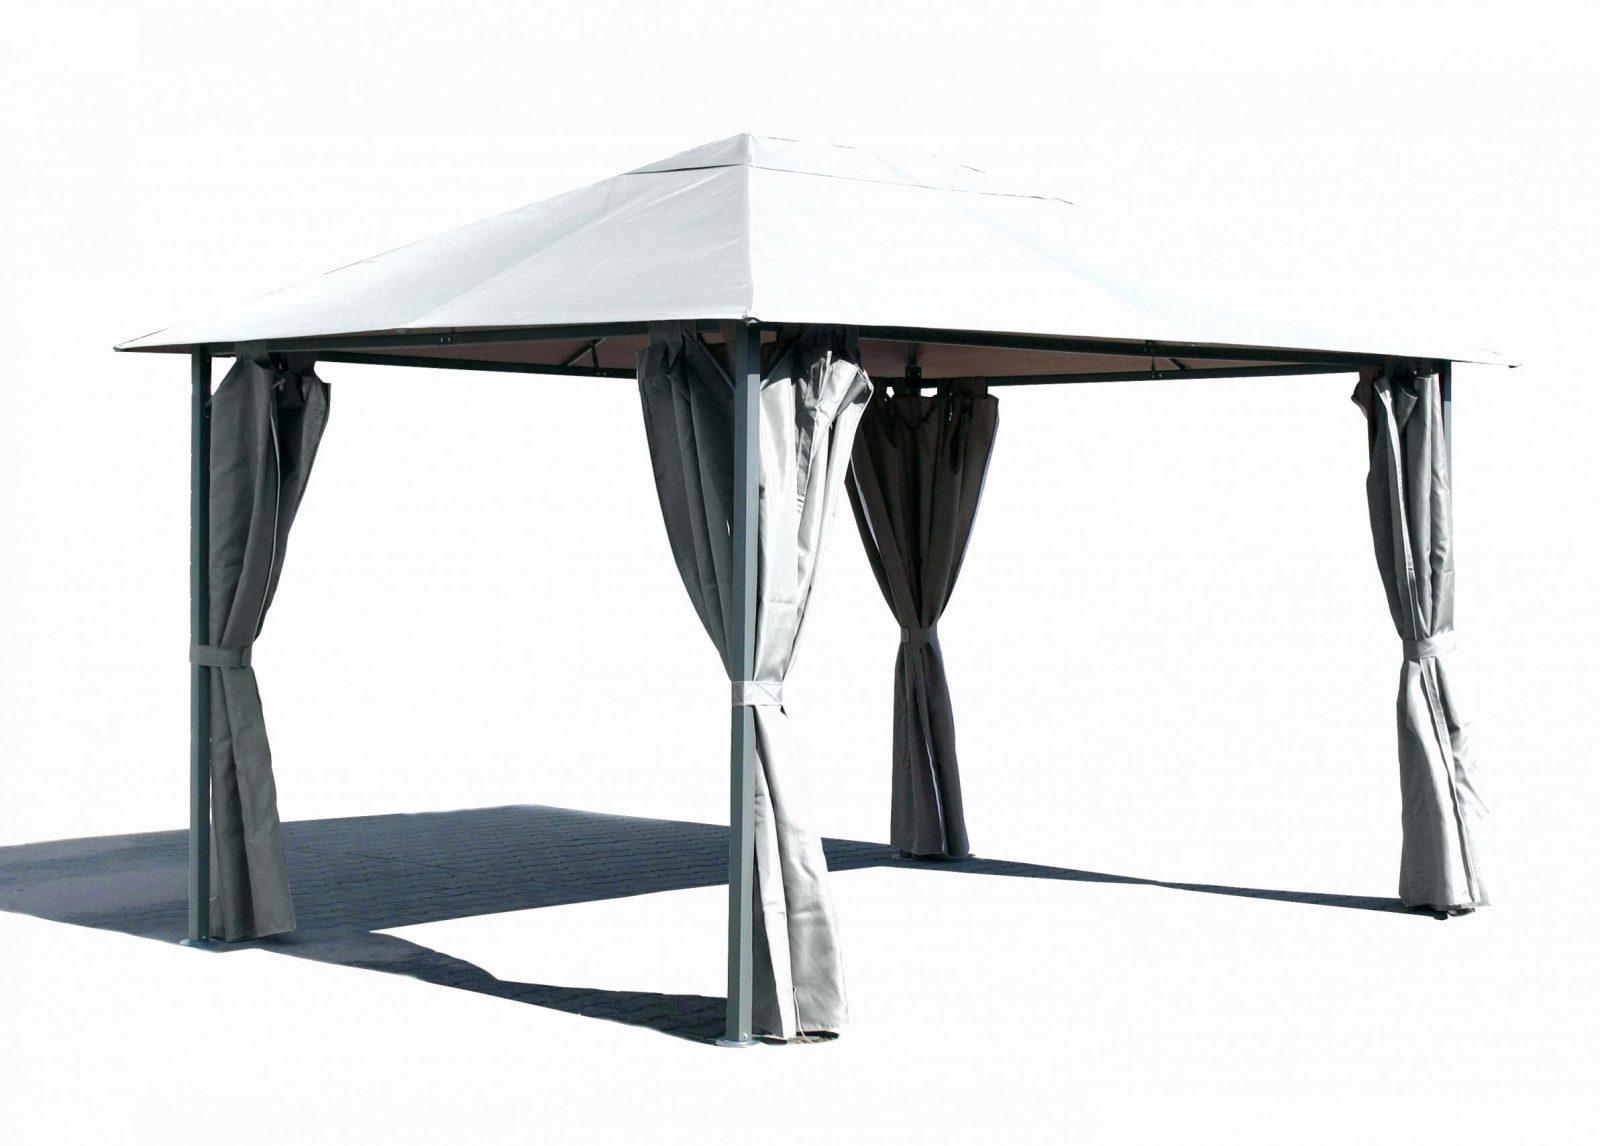 Pavillon Festes Dach Best Aktuelle Angebote Brnioc Für Ideen von Pavillon 3X3 Wasserdicht Bauhaus Bild